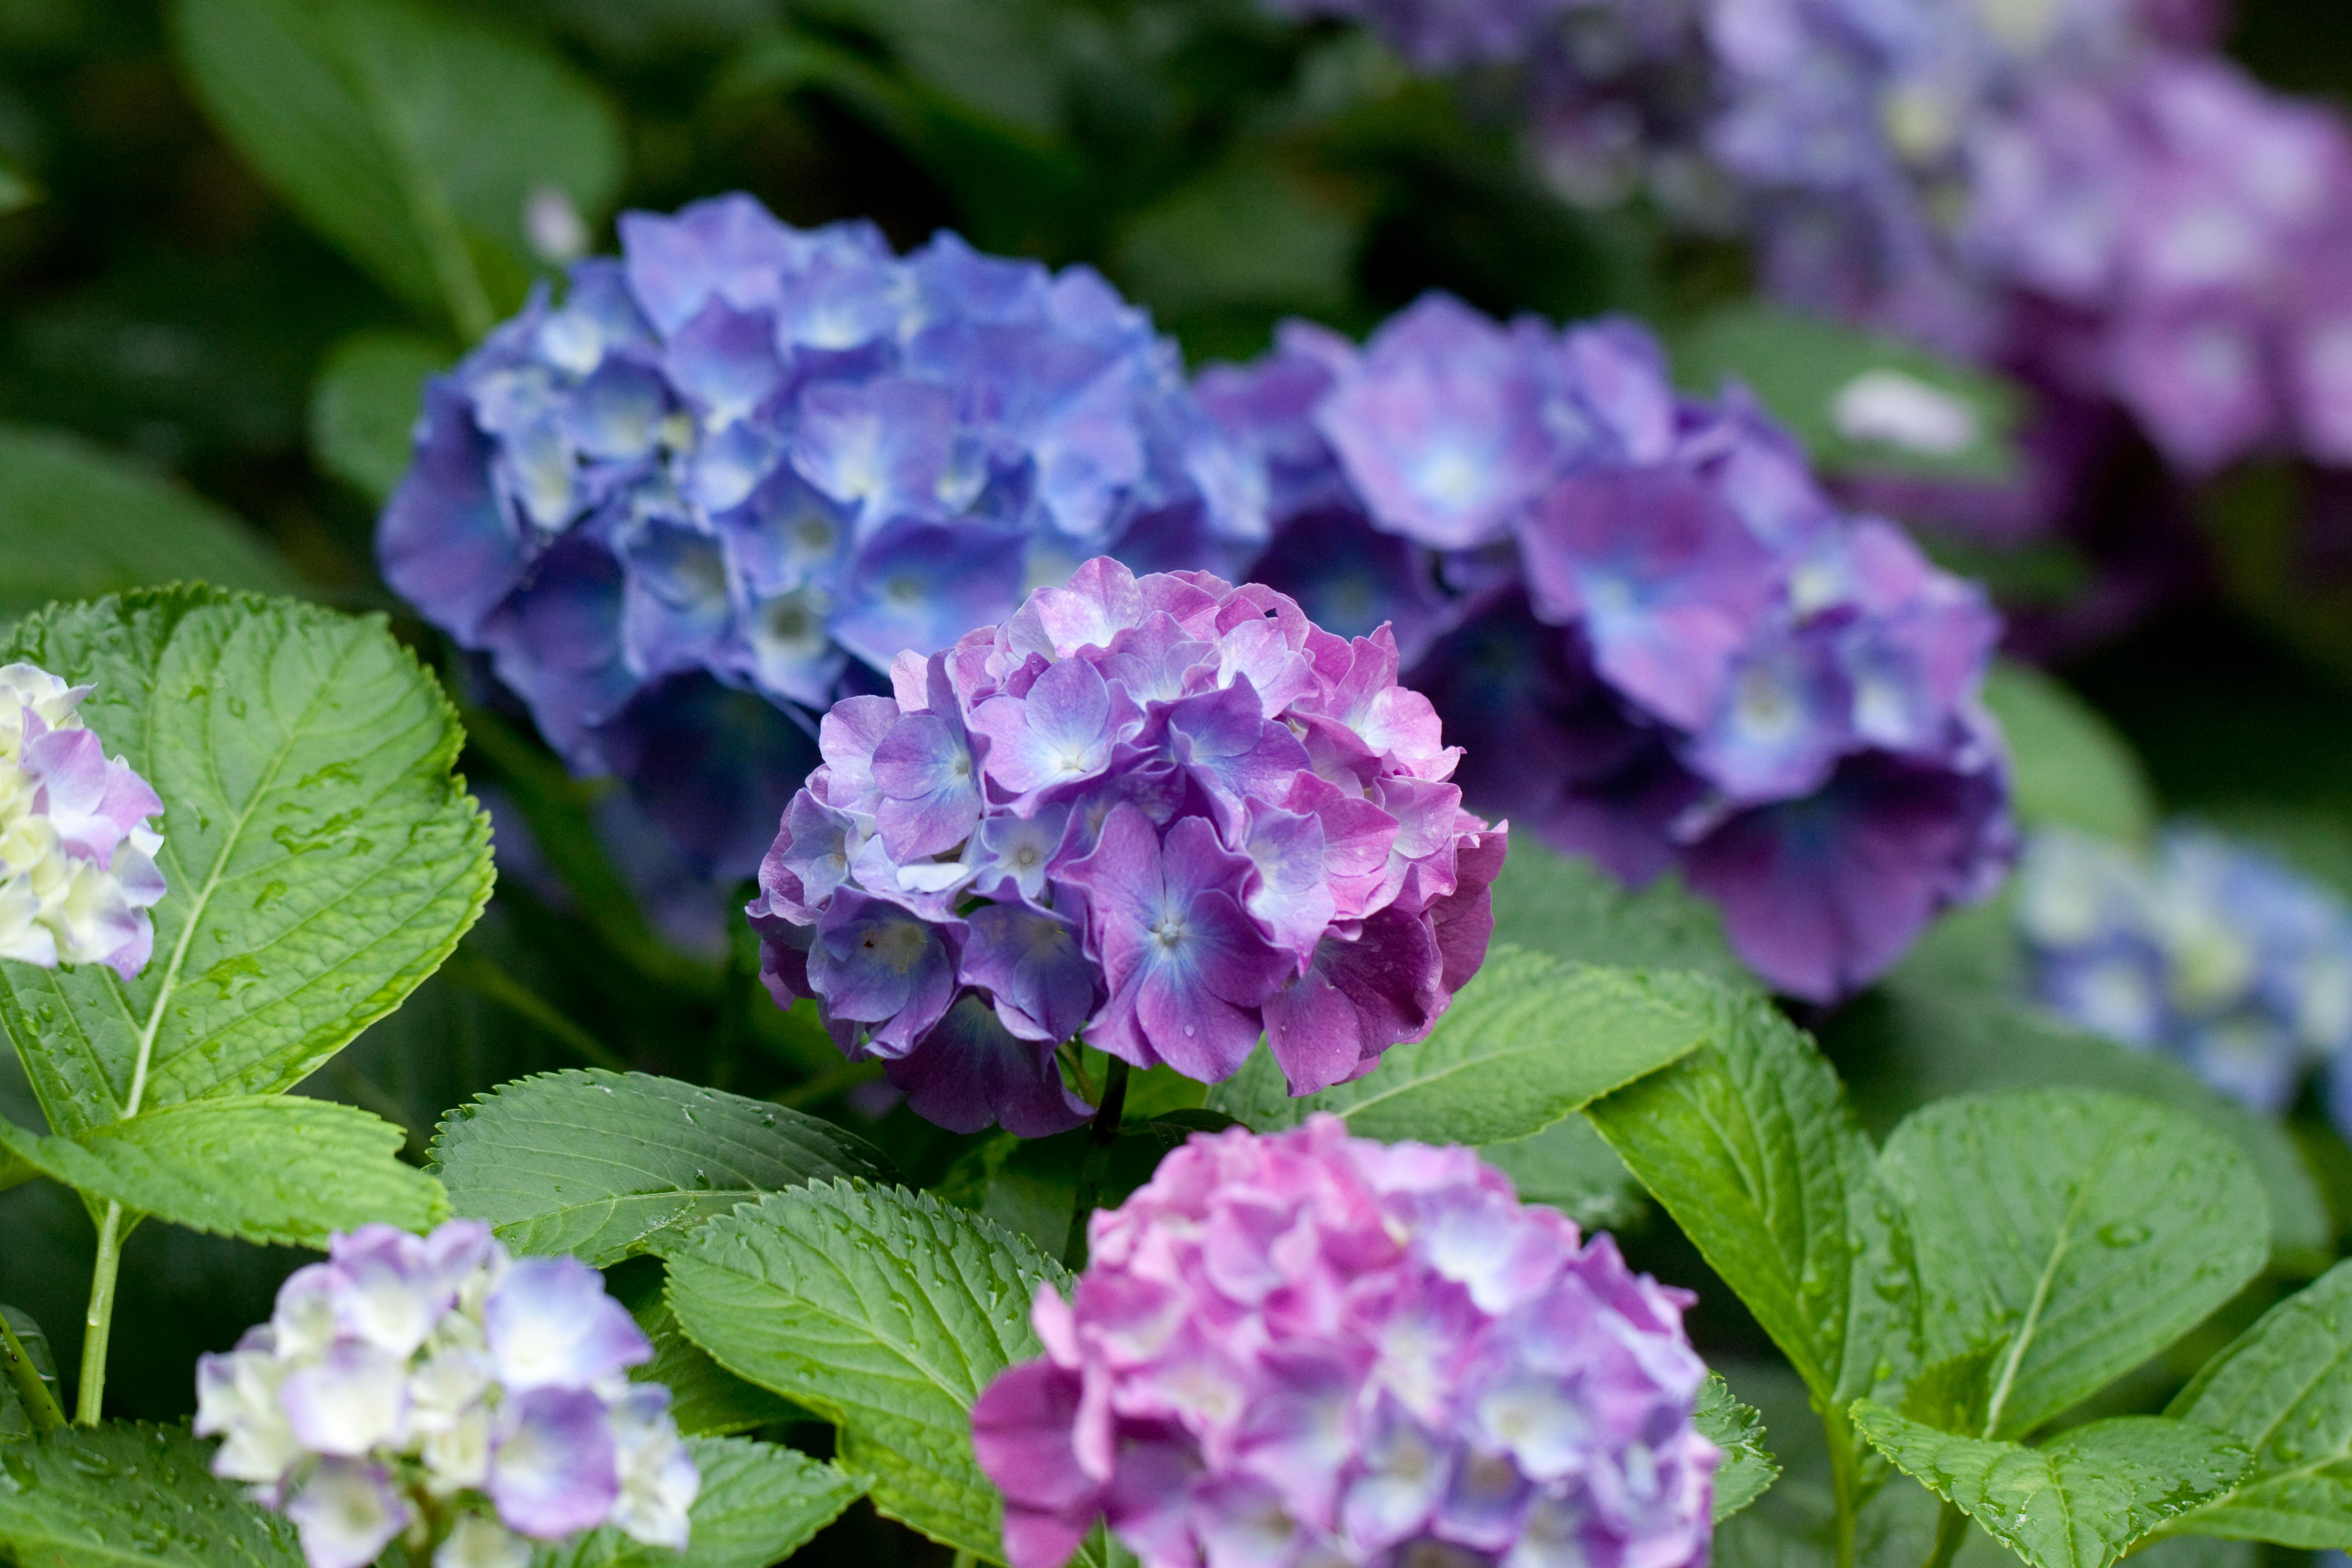 File Flower Hydrangea Flickr nekonomania 5